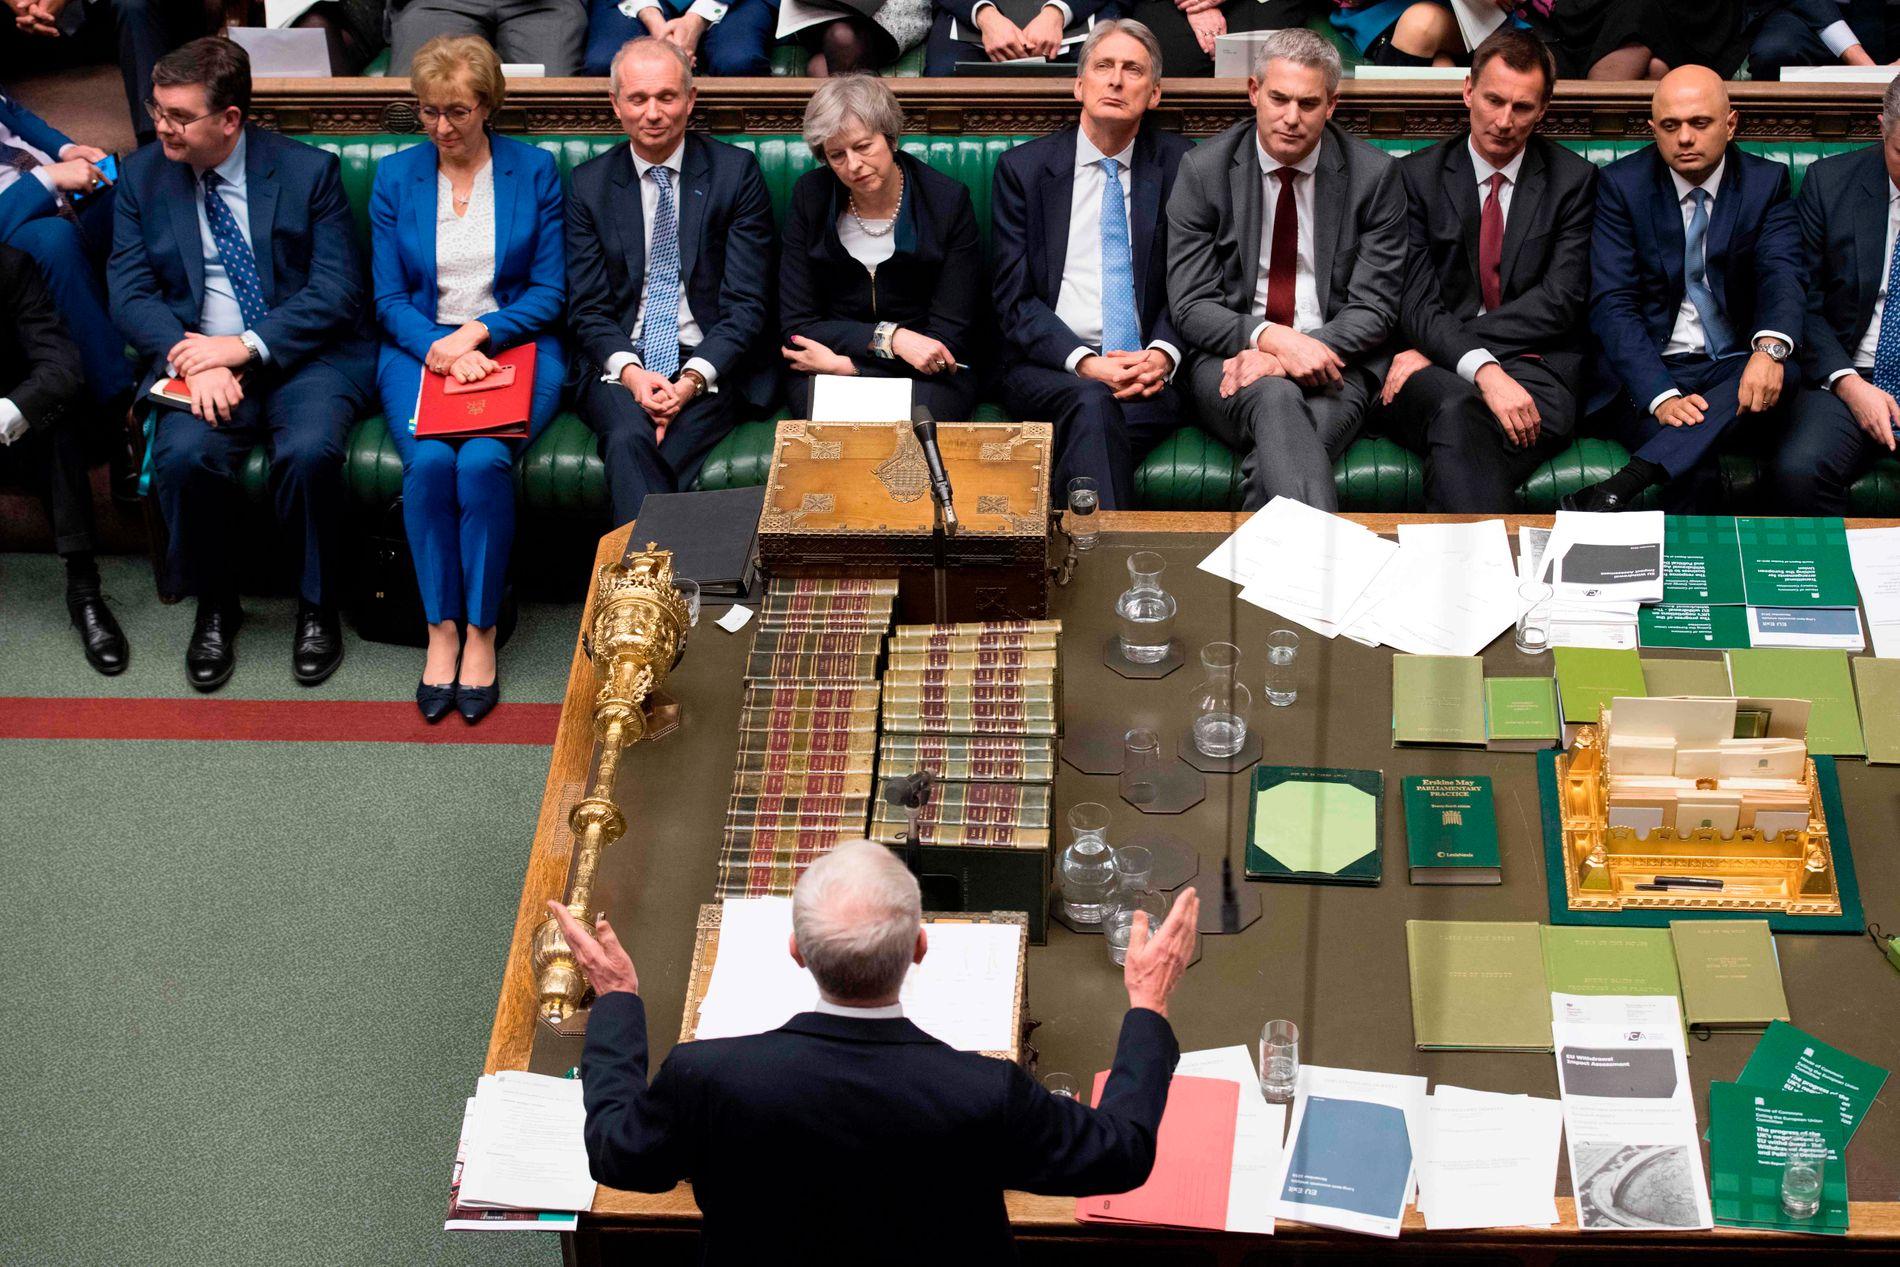 NEI: Labour-leder Jeremy Corbyn (nederst) tar ordet i Parlamentet etter avstemningen om Brexit tirsdag kveld.